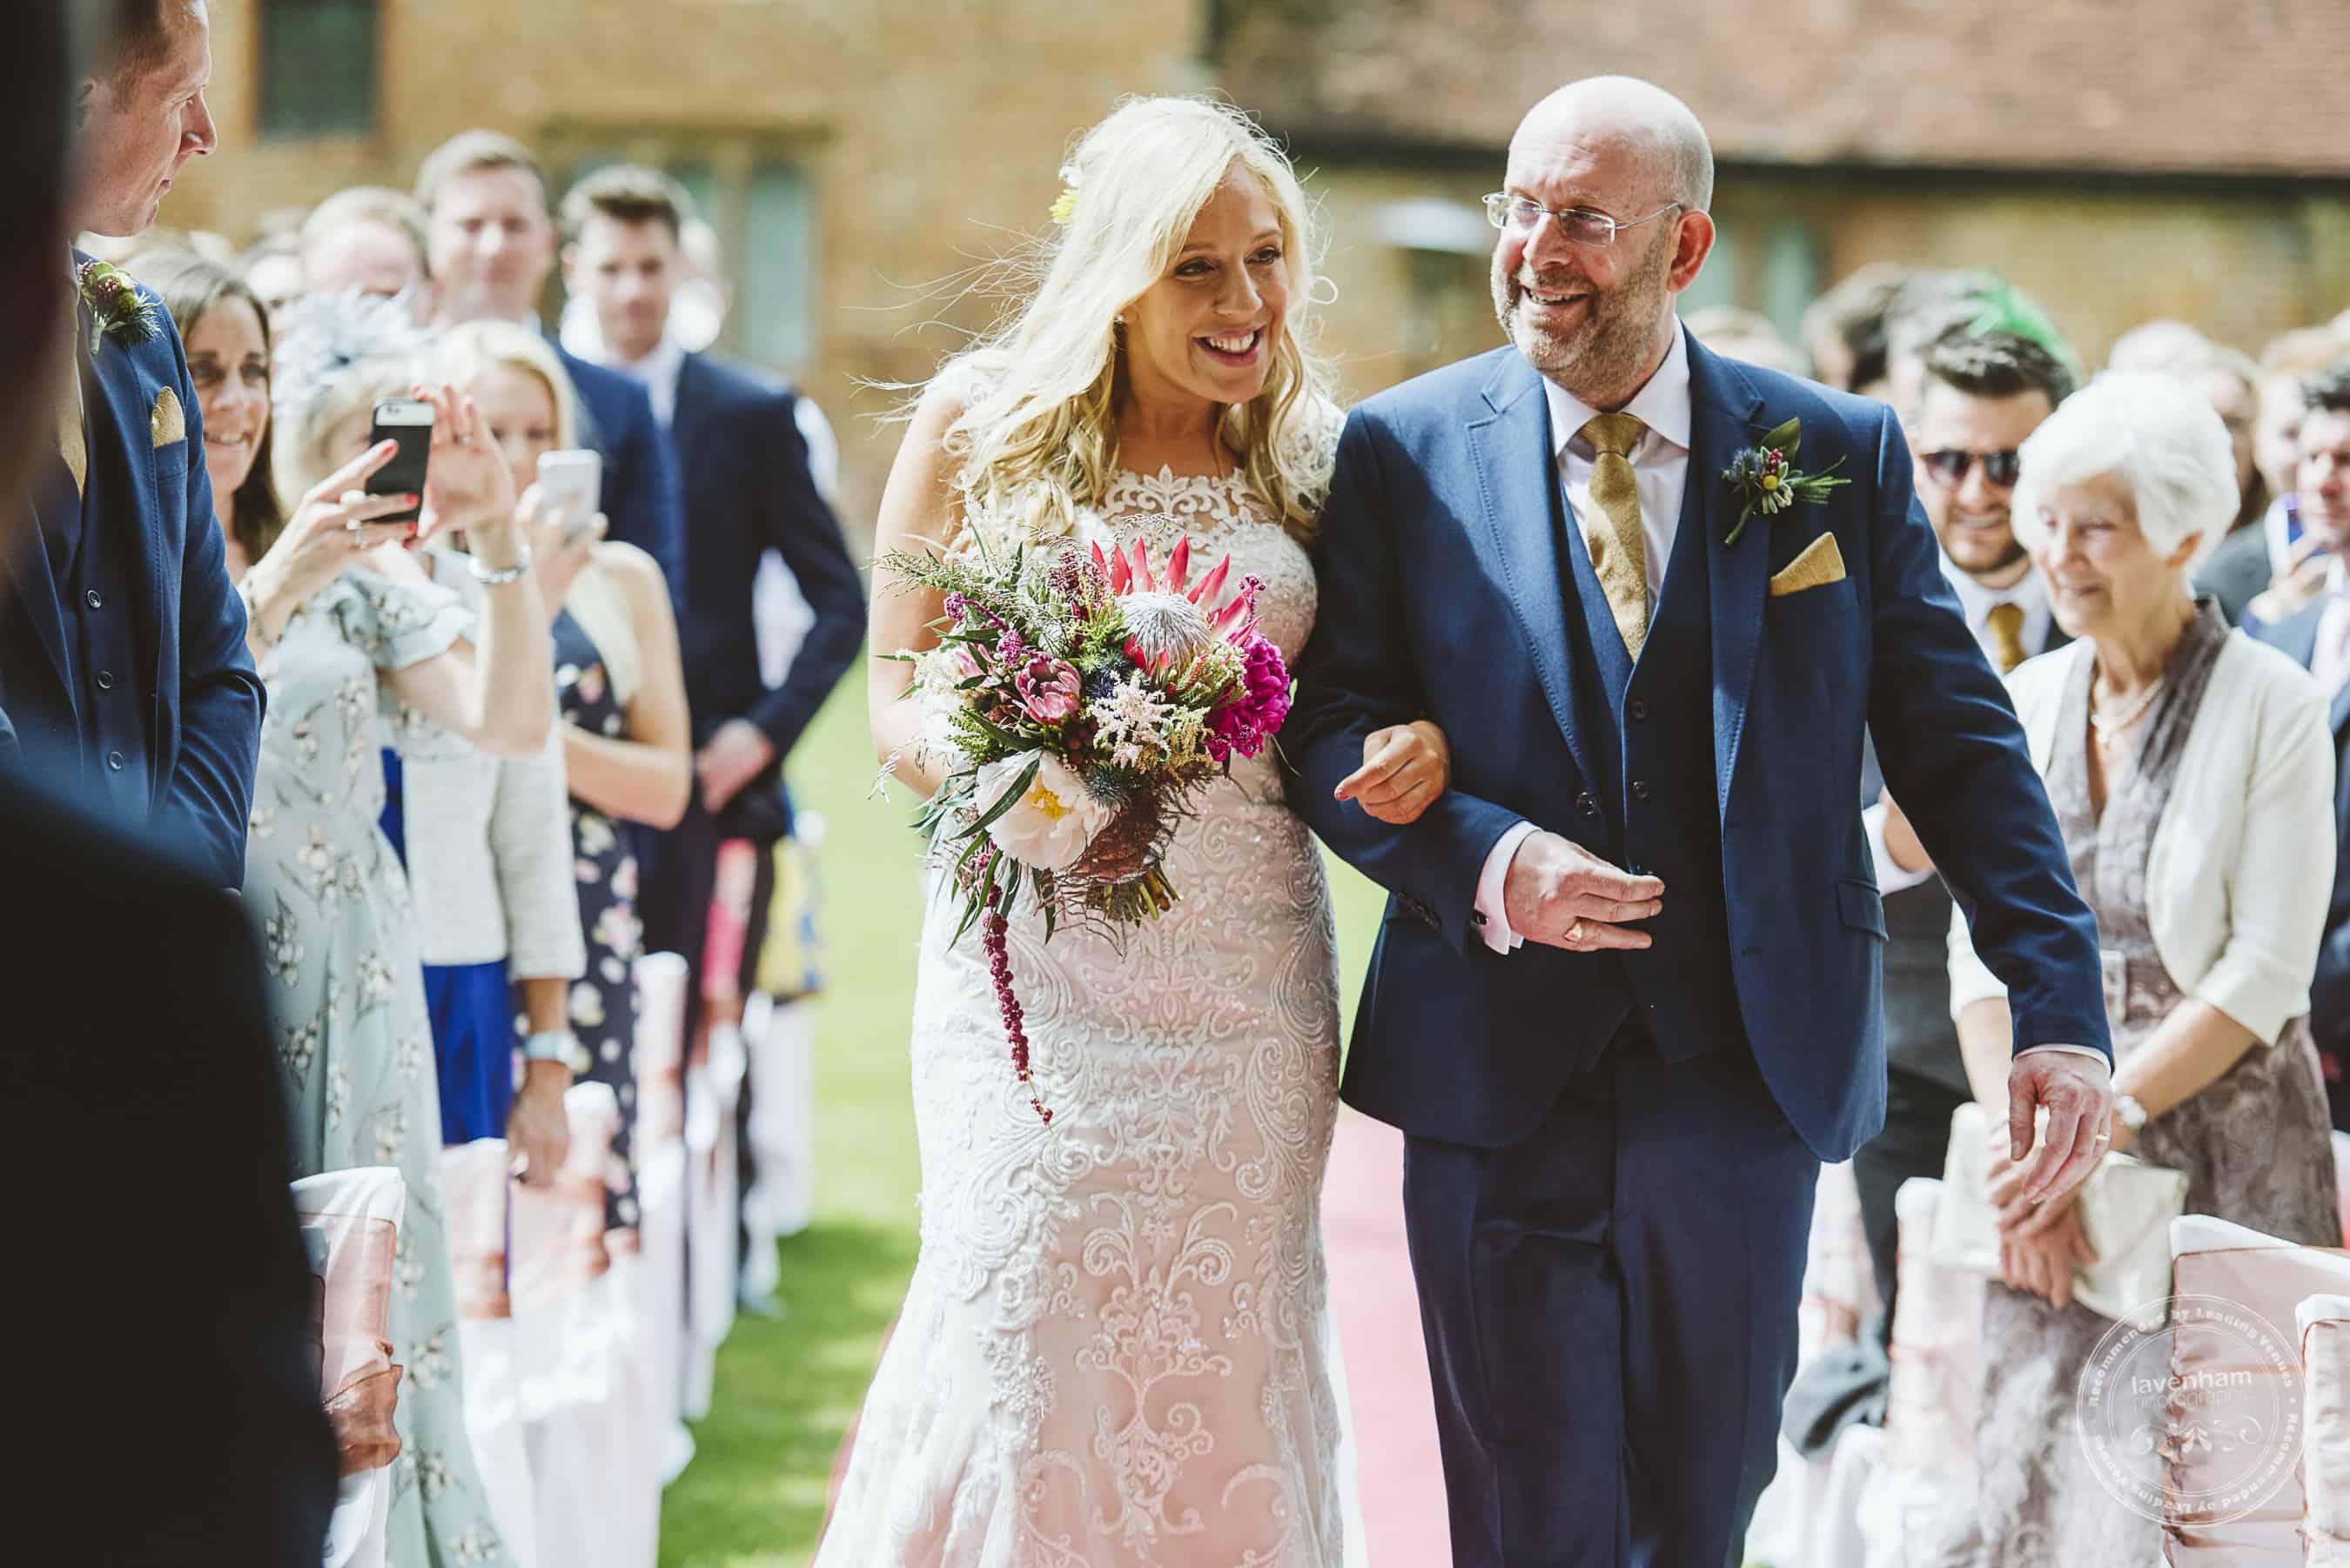 020618 Leez Priory Wedding Photography Lavenham Photographic 050